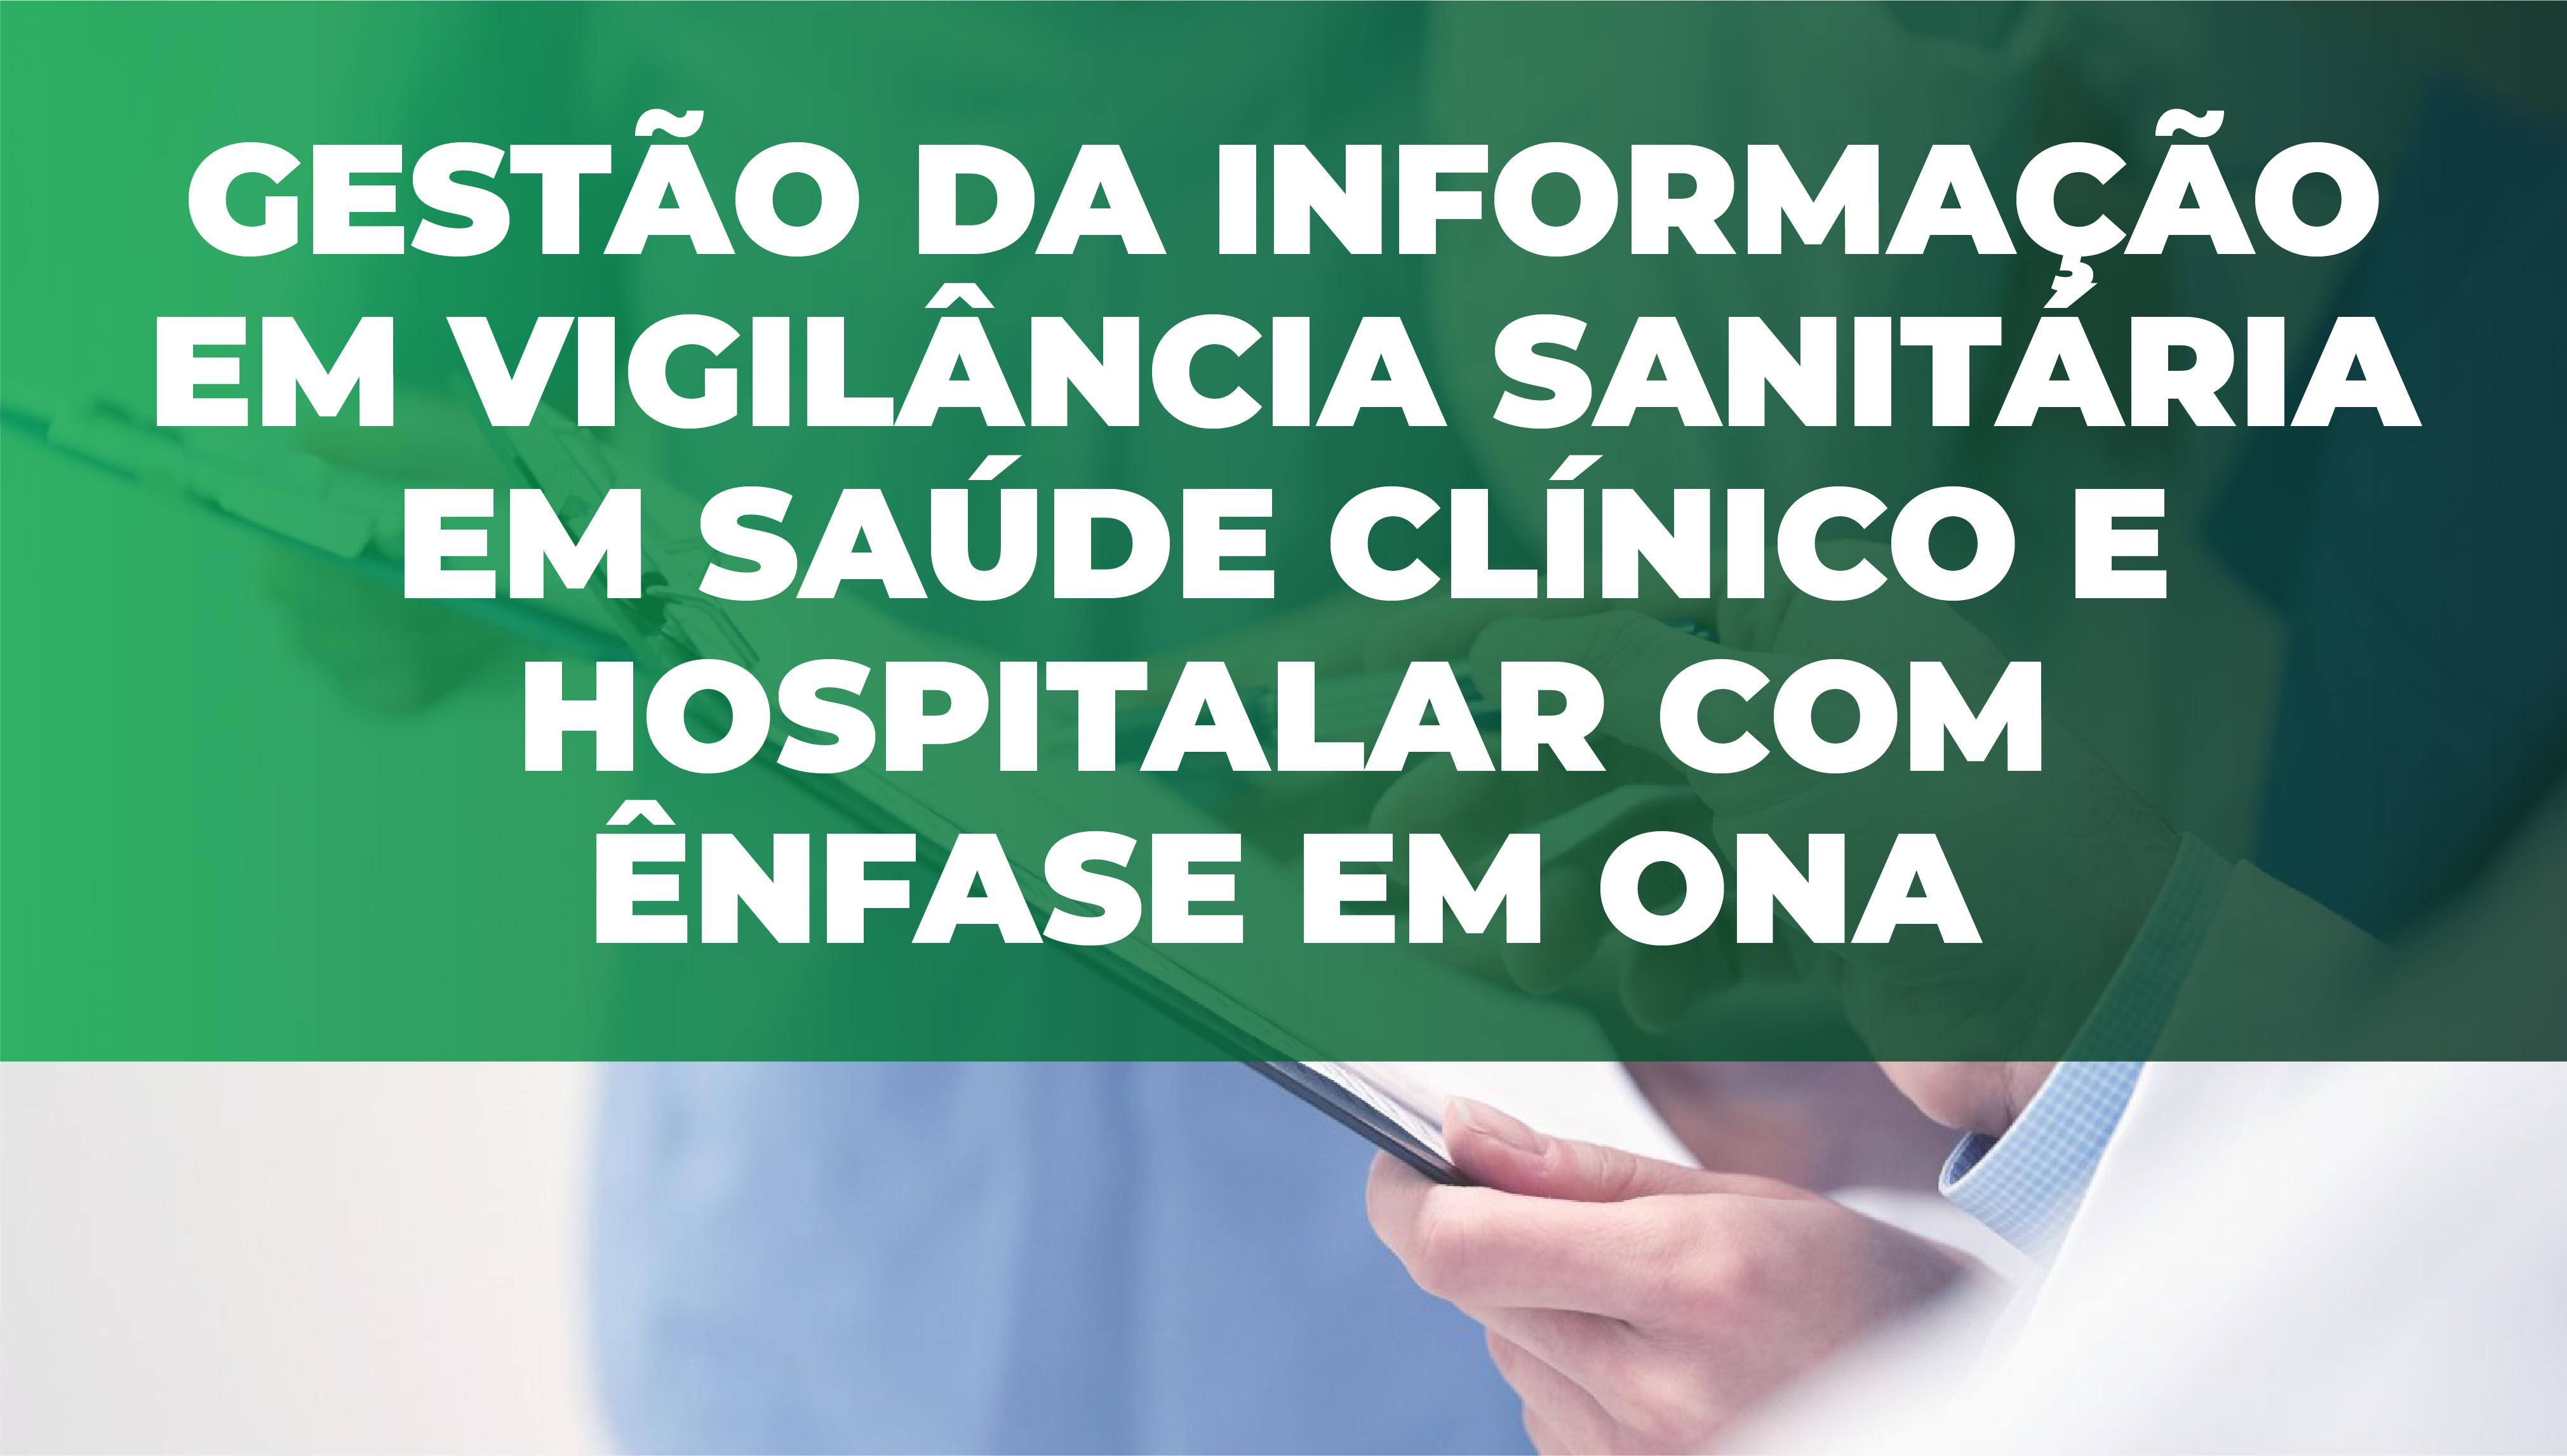 Gestão da Informação em Vigilância Sanitária em Saúde Clínico e Hospitalar em Ênfase em ONA